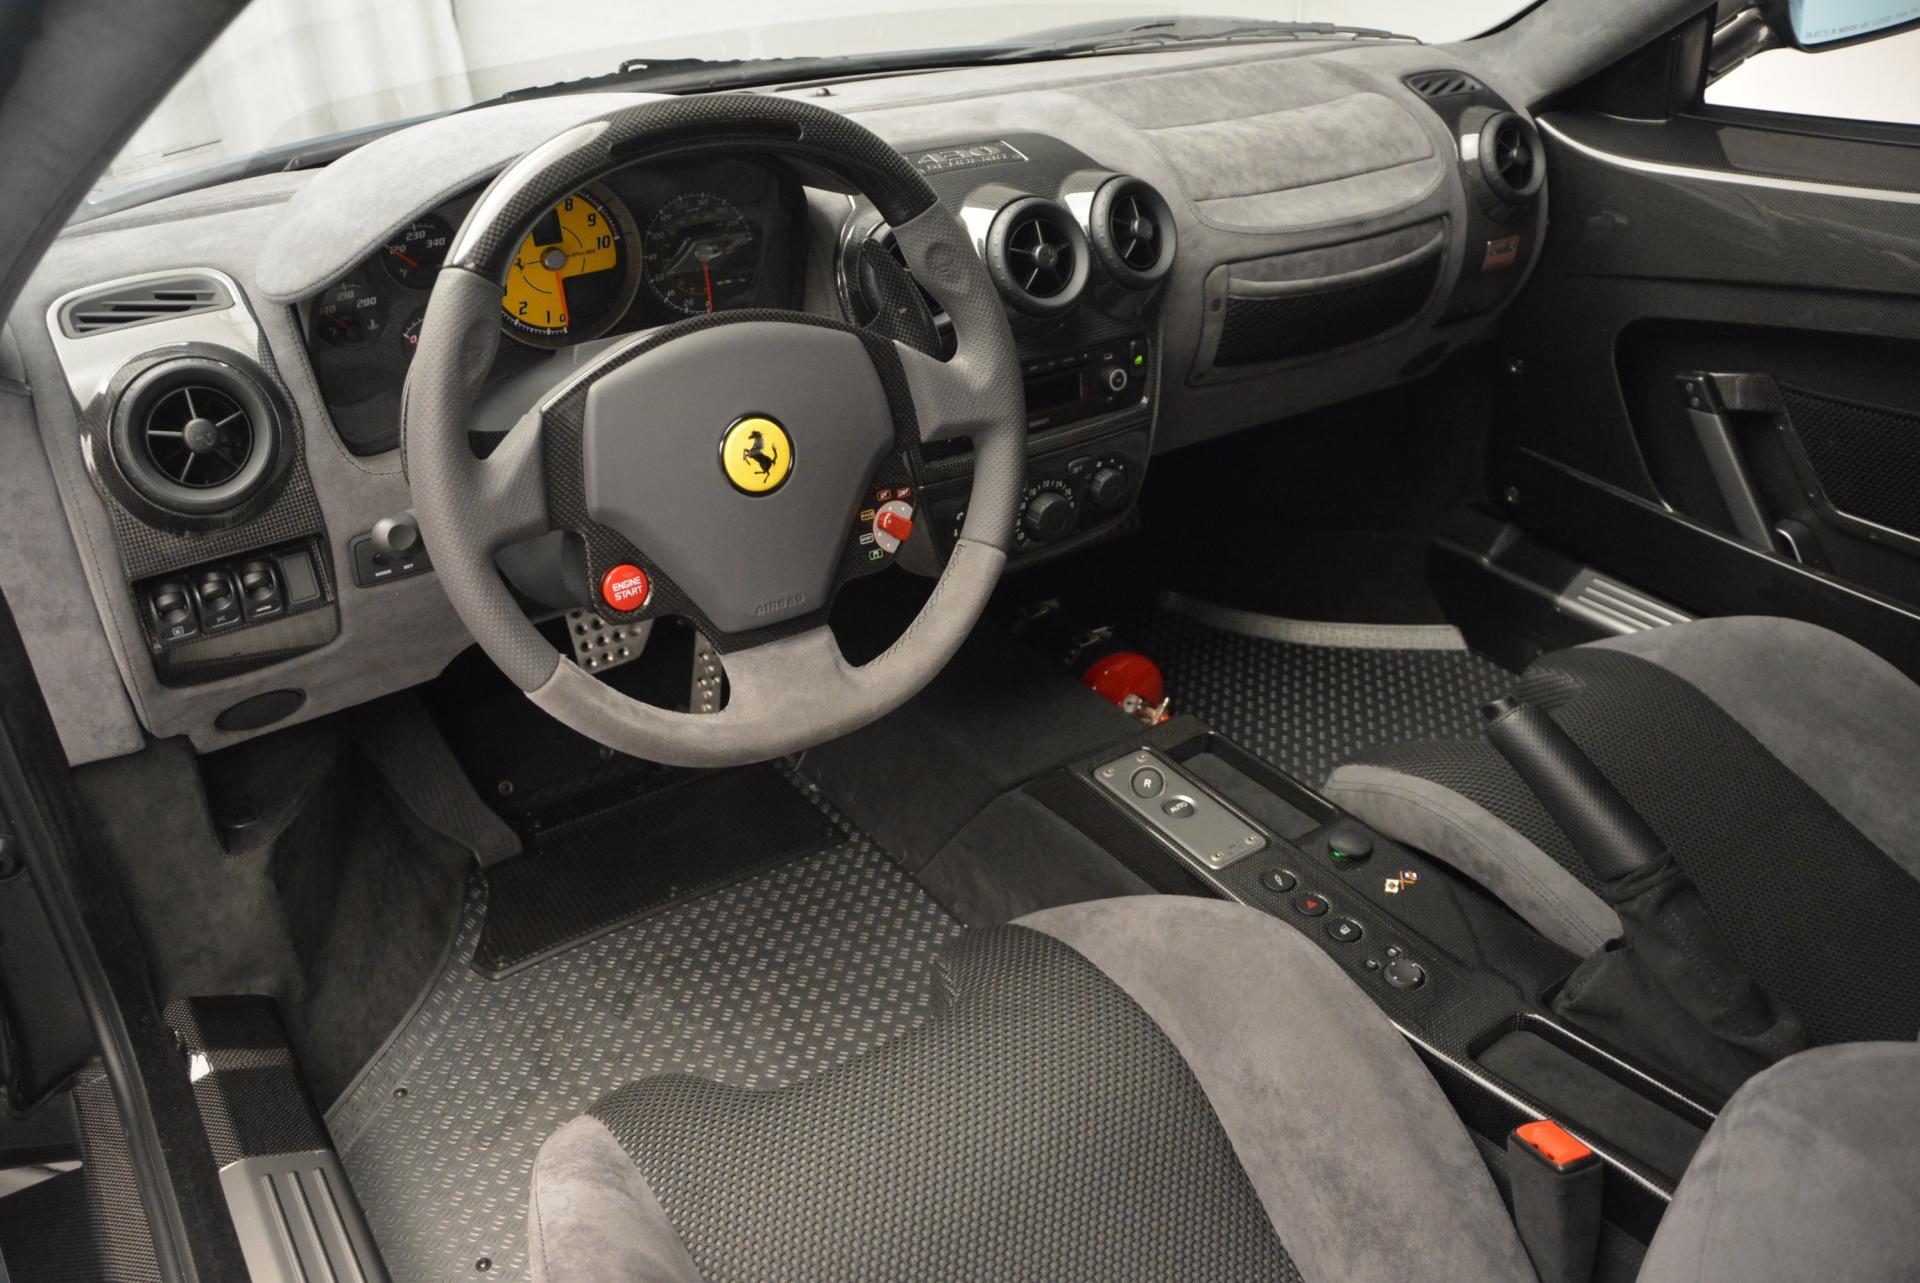 Used 2008 Ferrari F430 Scuderia For Sale In Greenwich, CT 146_p14